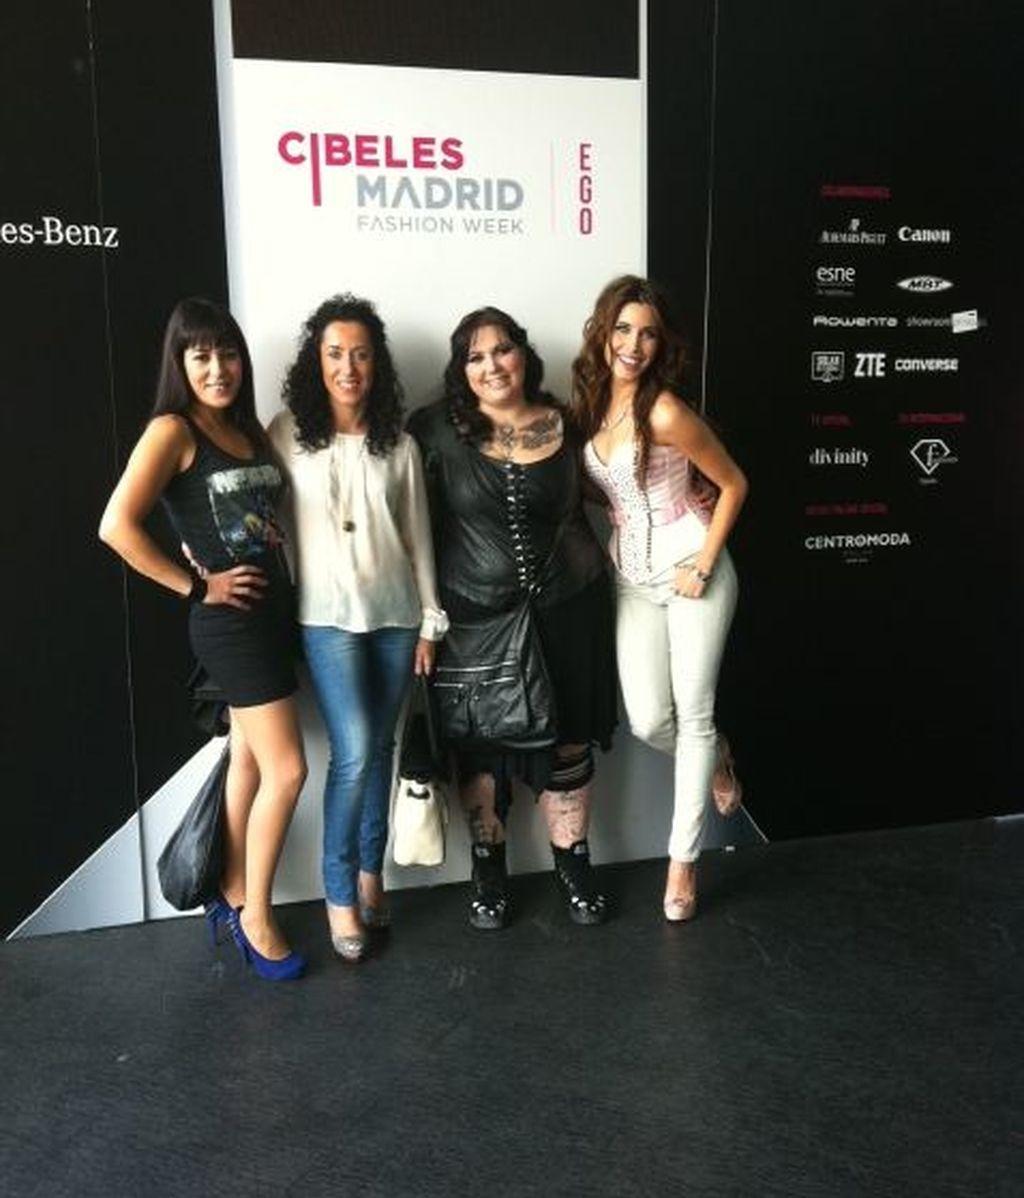 Los famosos hablan desde Cibeles (y mandan fotos)